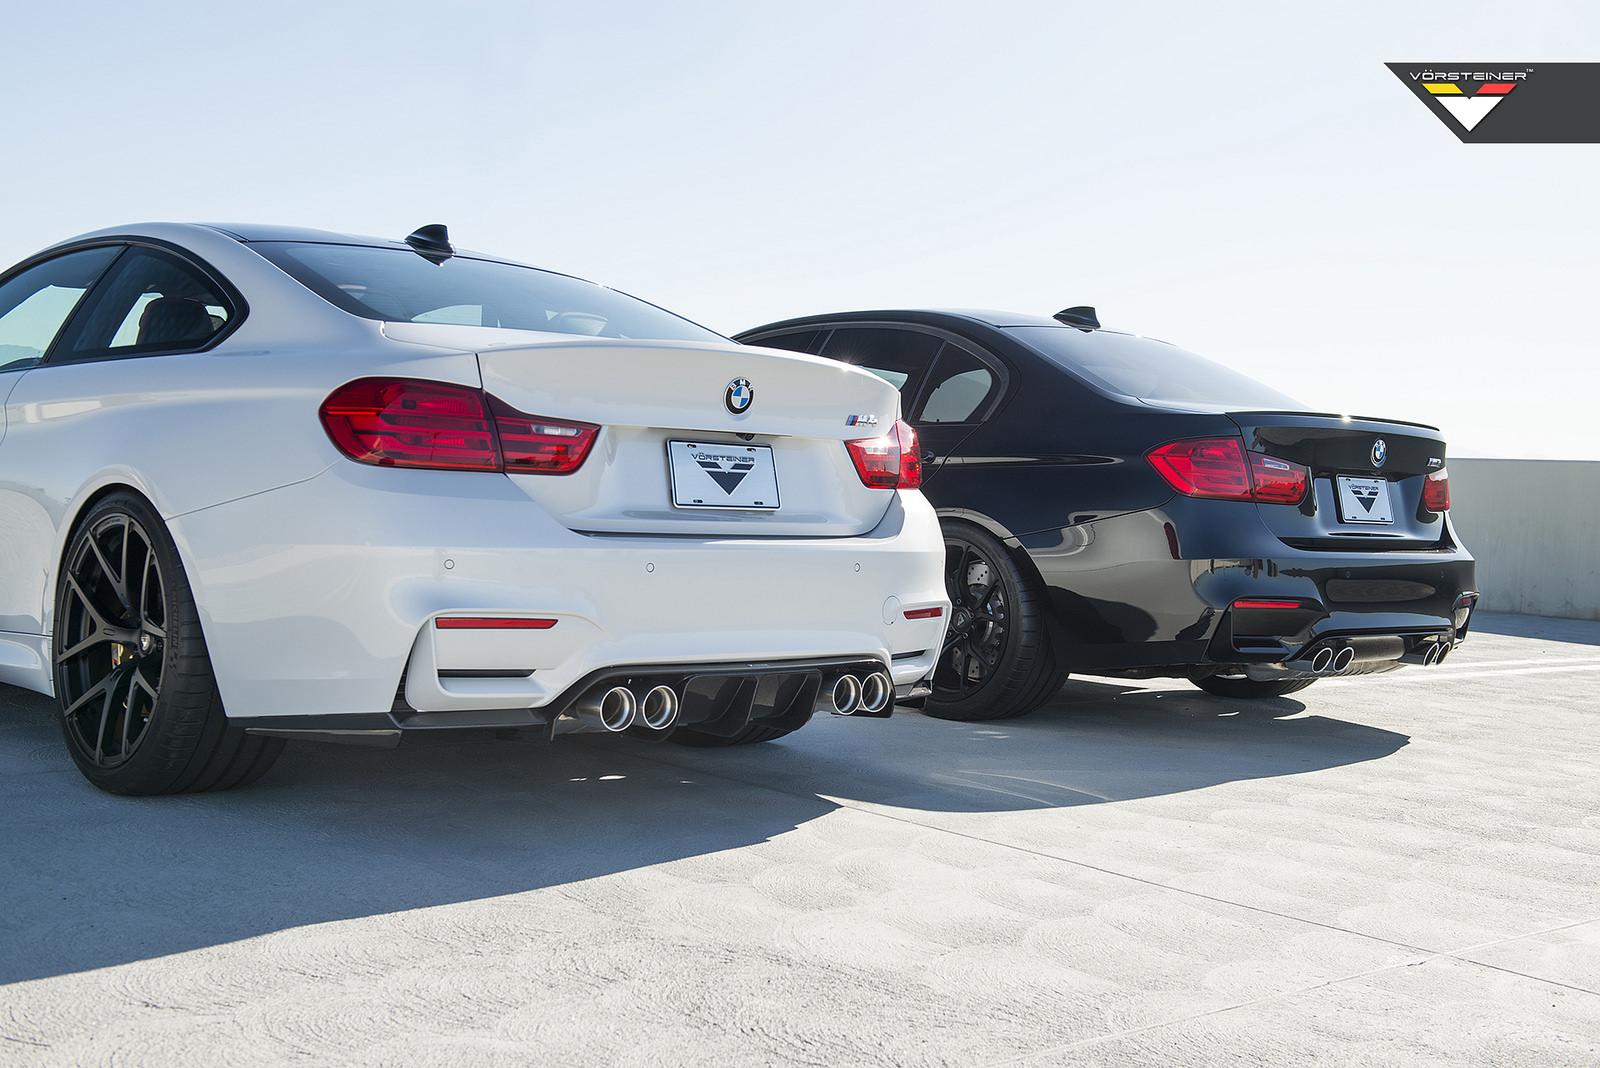 BMW F80 M3 And BMW F82 M4 By Vorsteiner Image 12